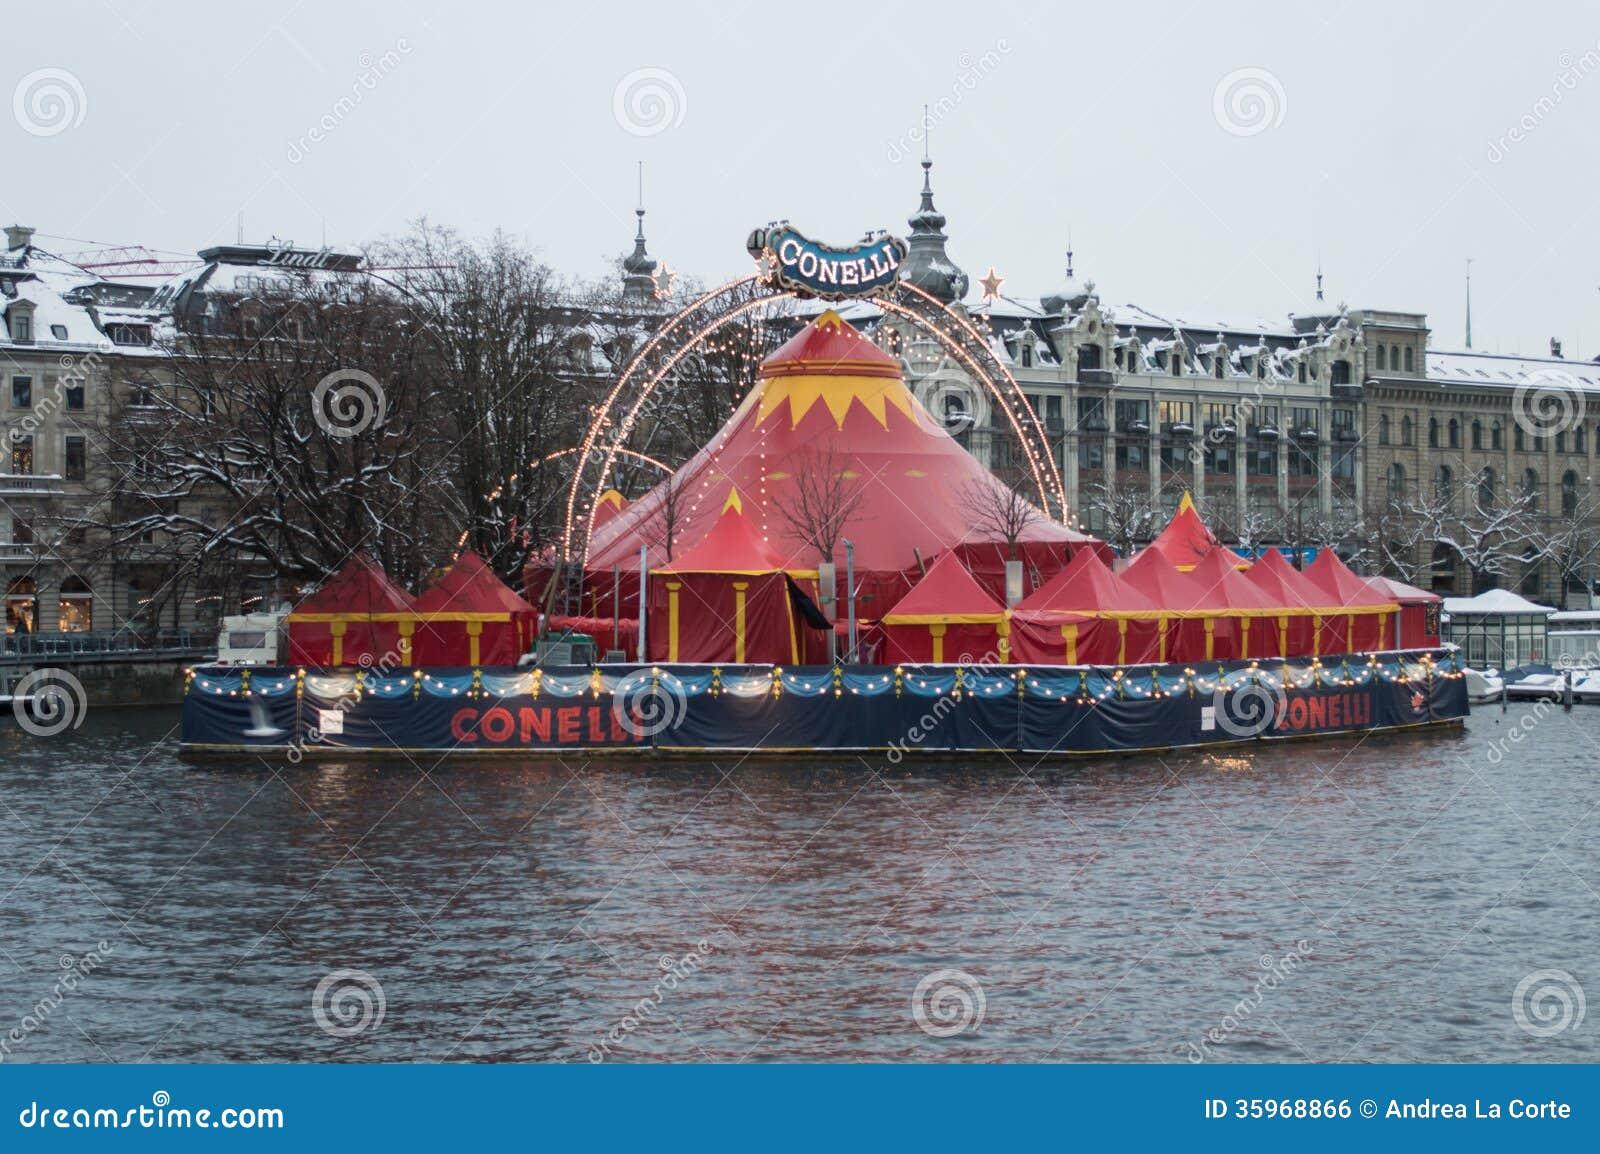 El circo de Conelli en Zurich